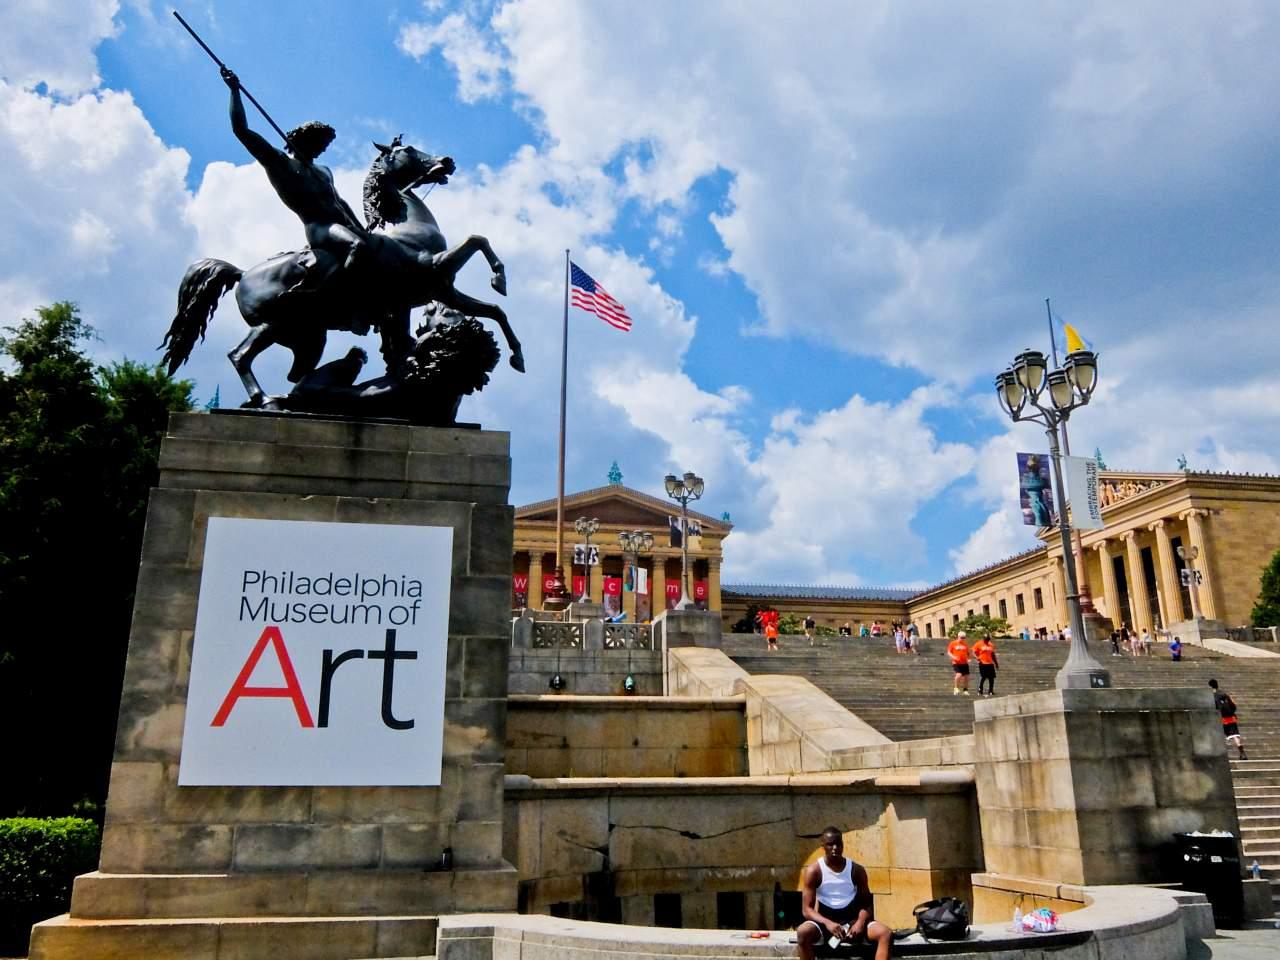 Philadelpia Museum of Art